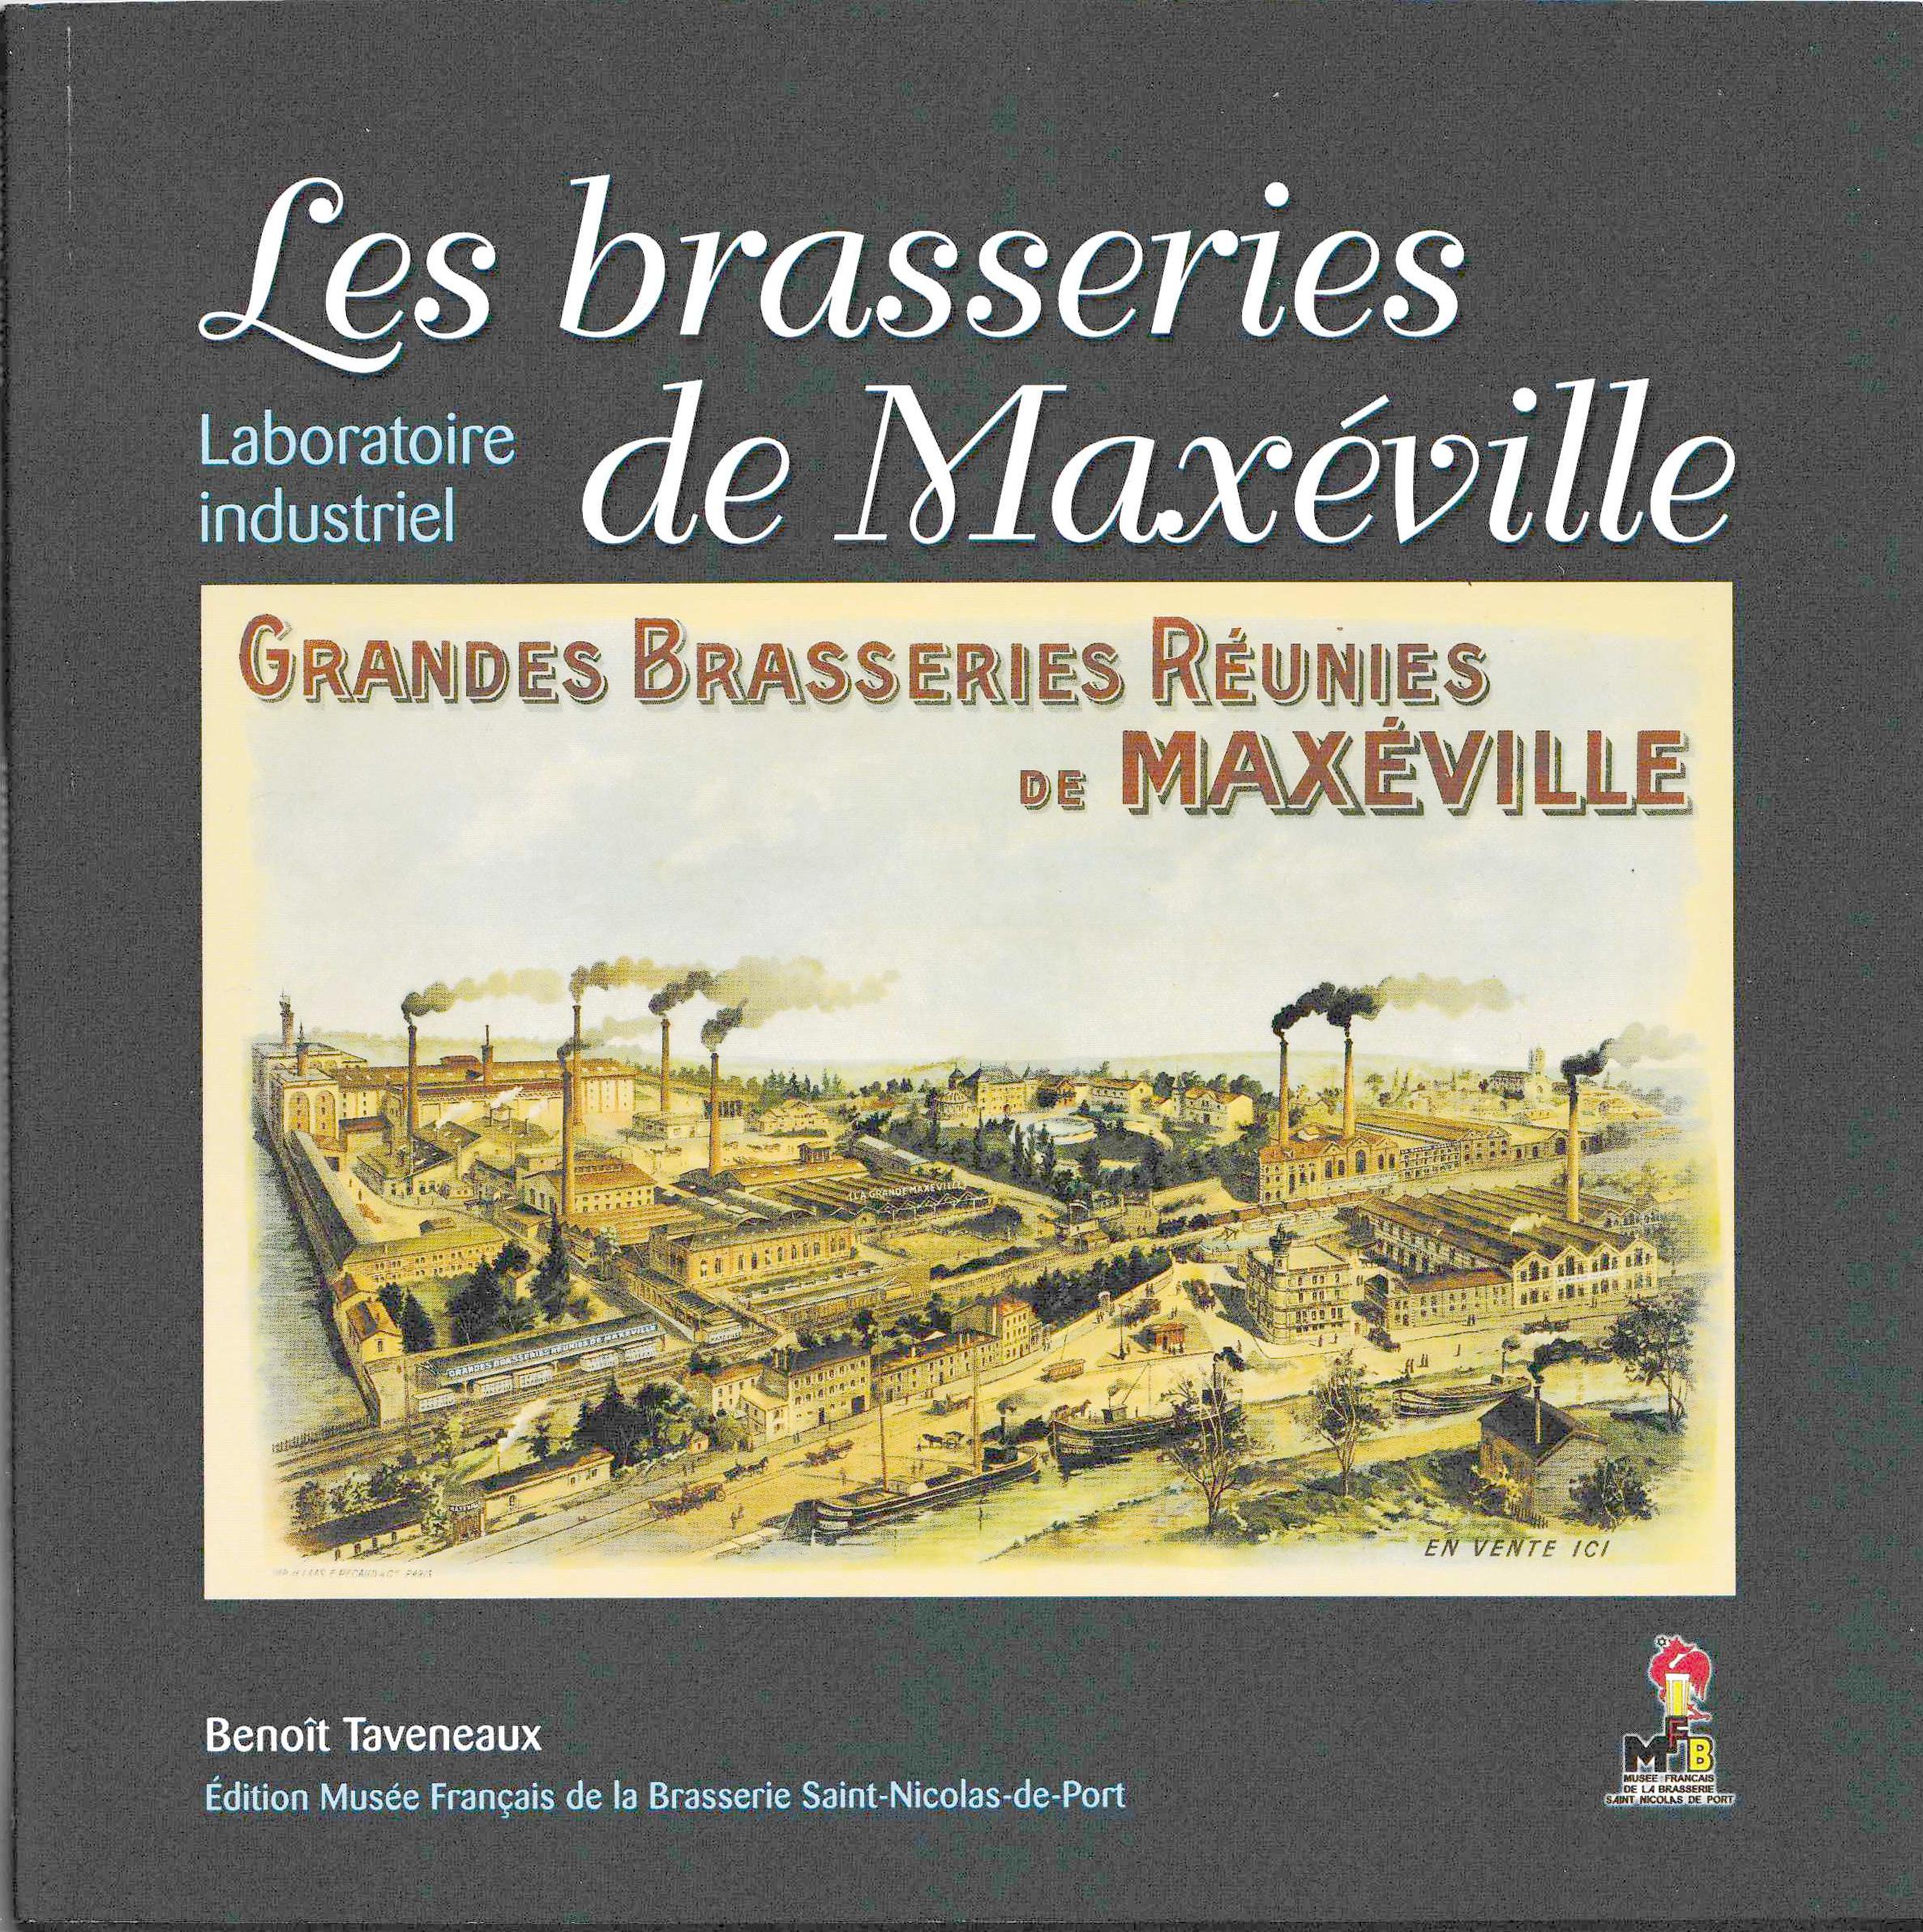 benoit tavenaux - Les brasseries de Maxéville